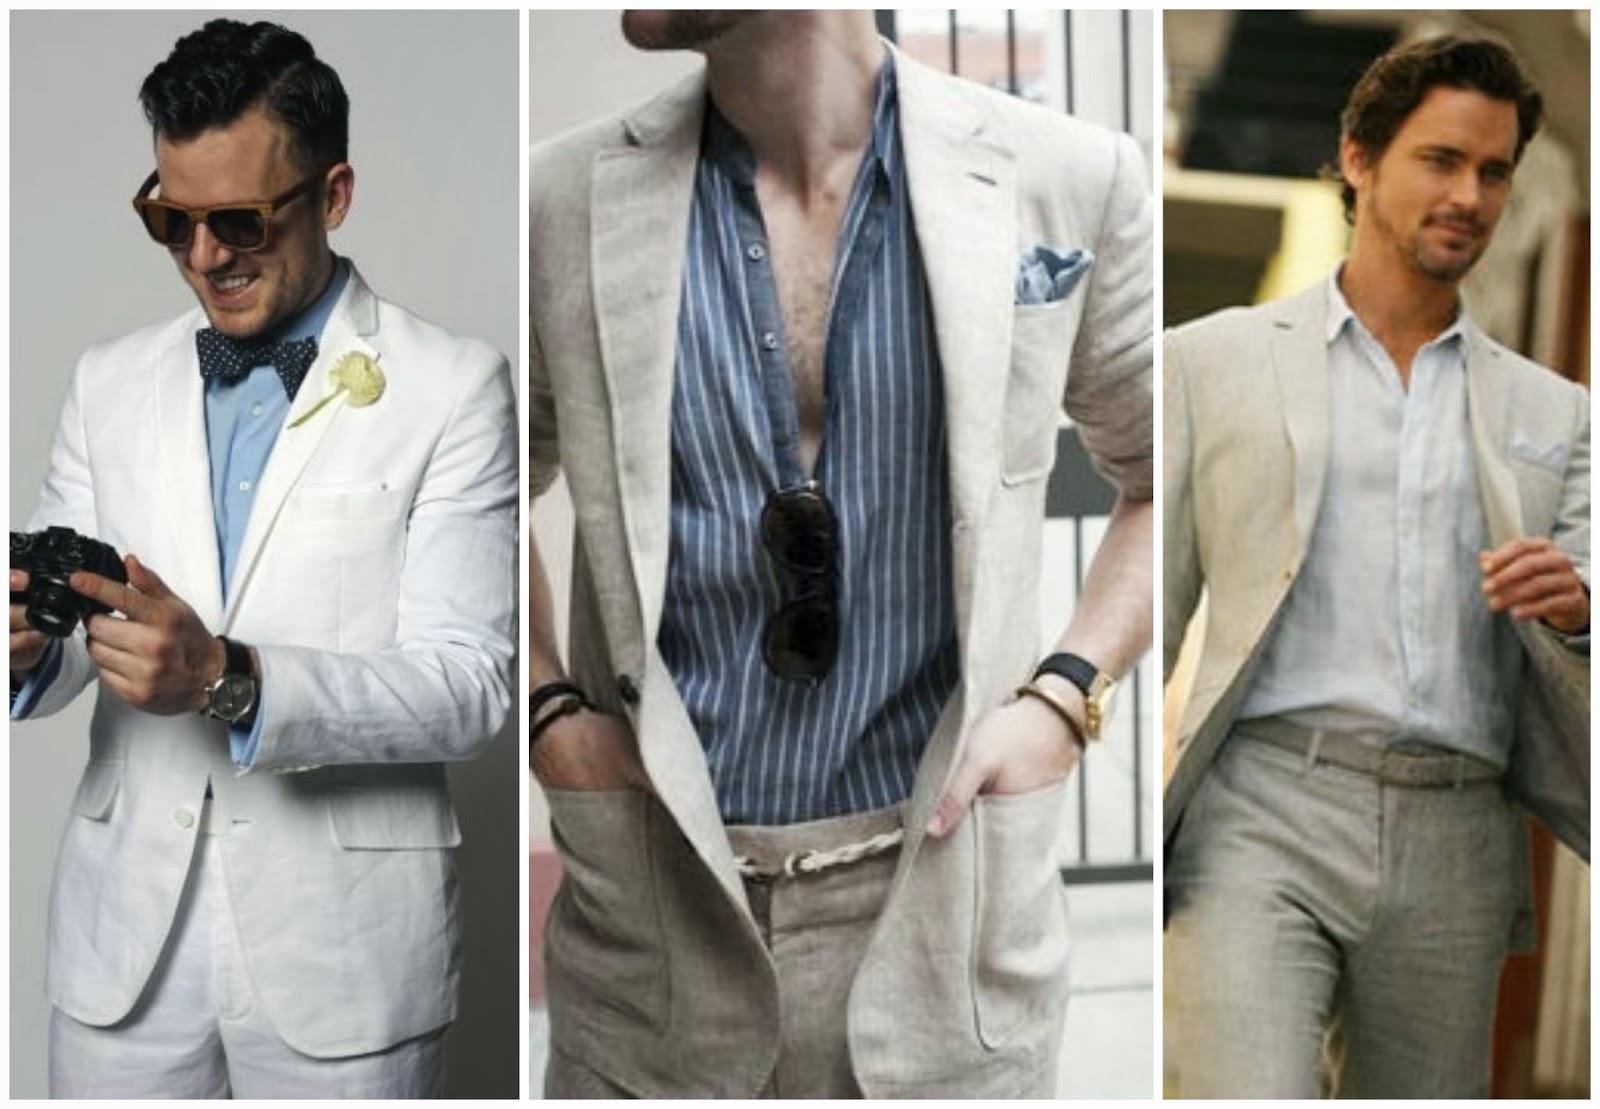 Un caballero vestido de Lino  f75142467830